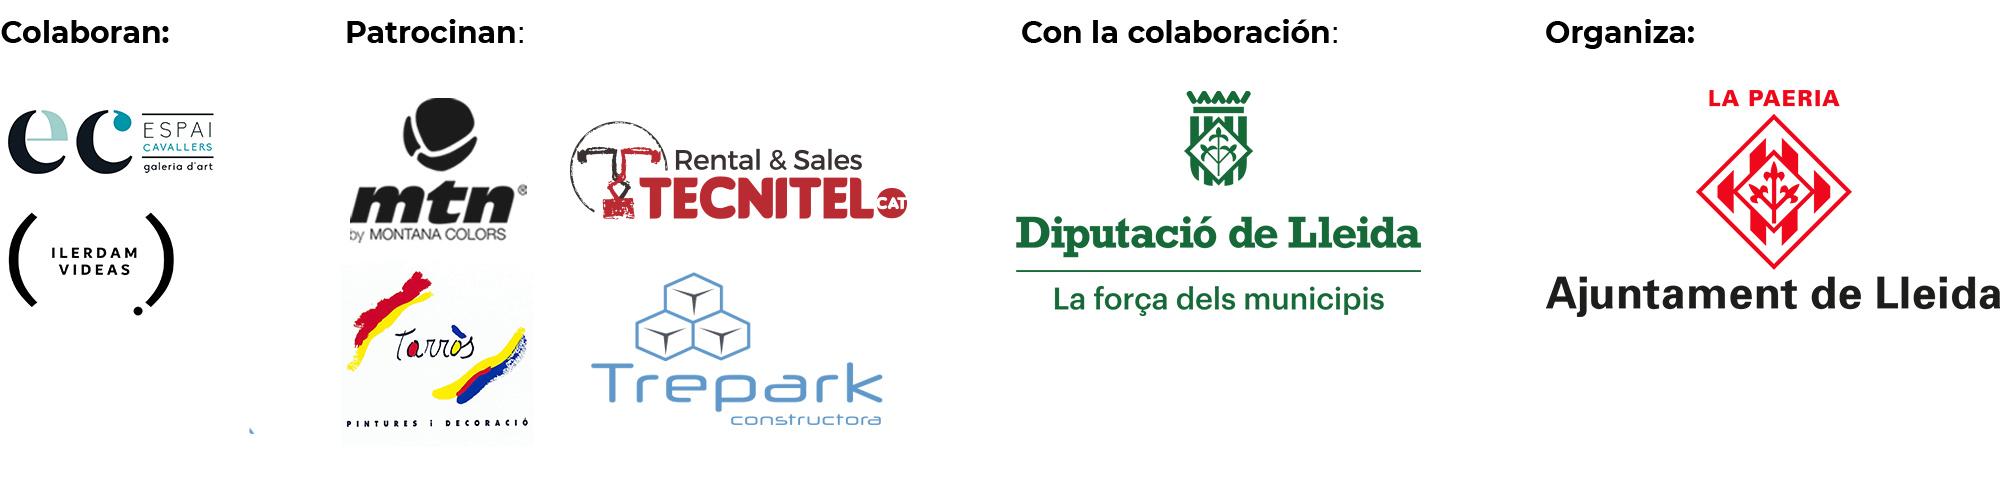 patrocinadors_castellano